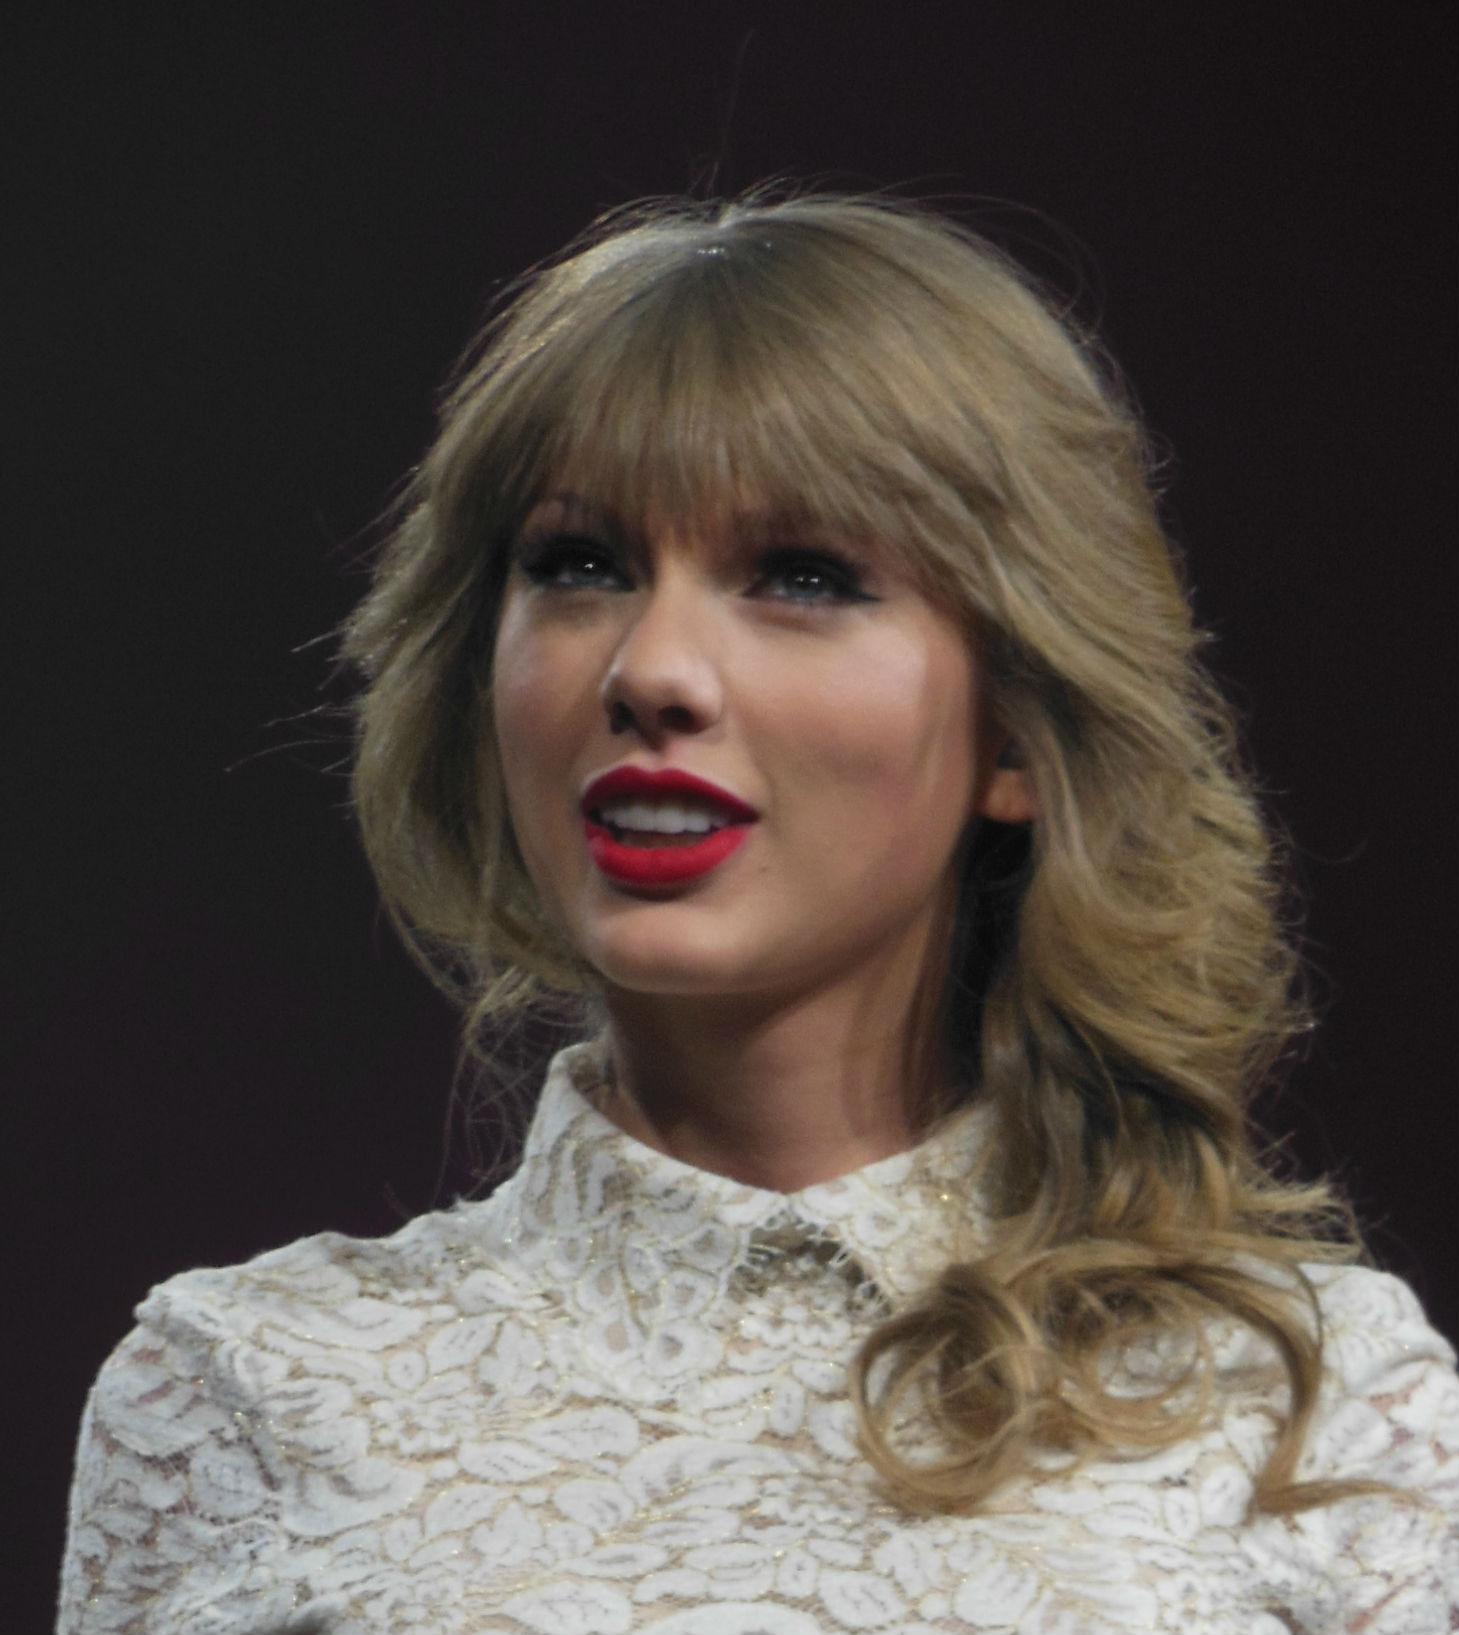 Сара джин андервуд самая сексуальная женщина 2012 года